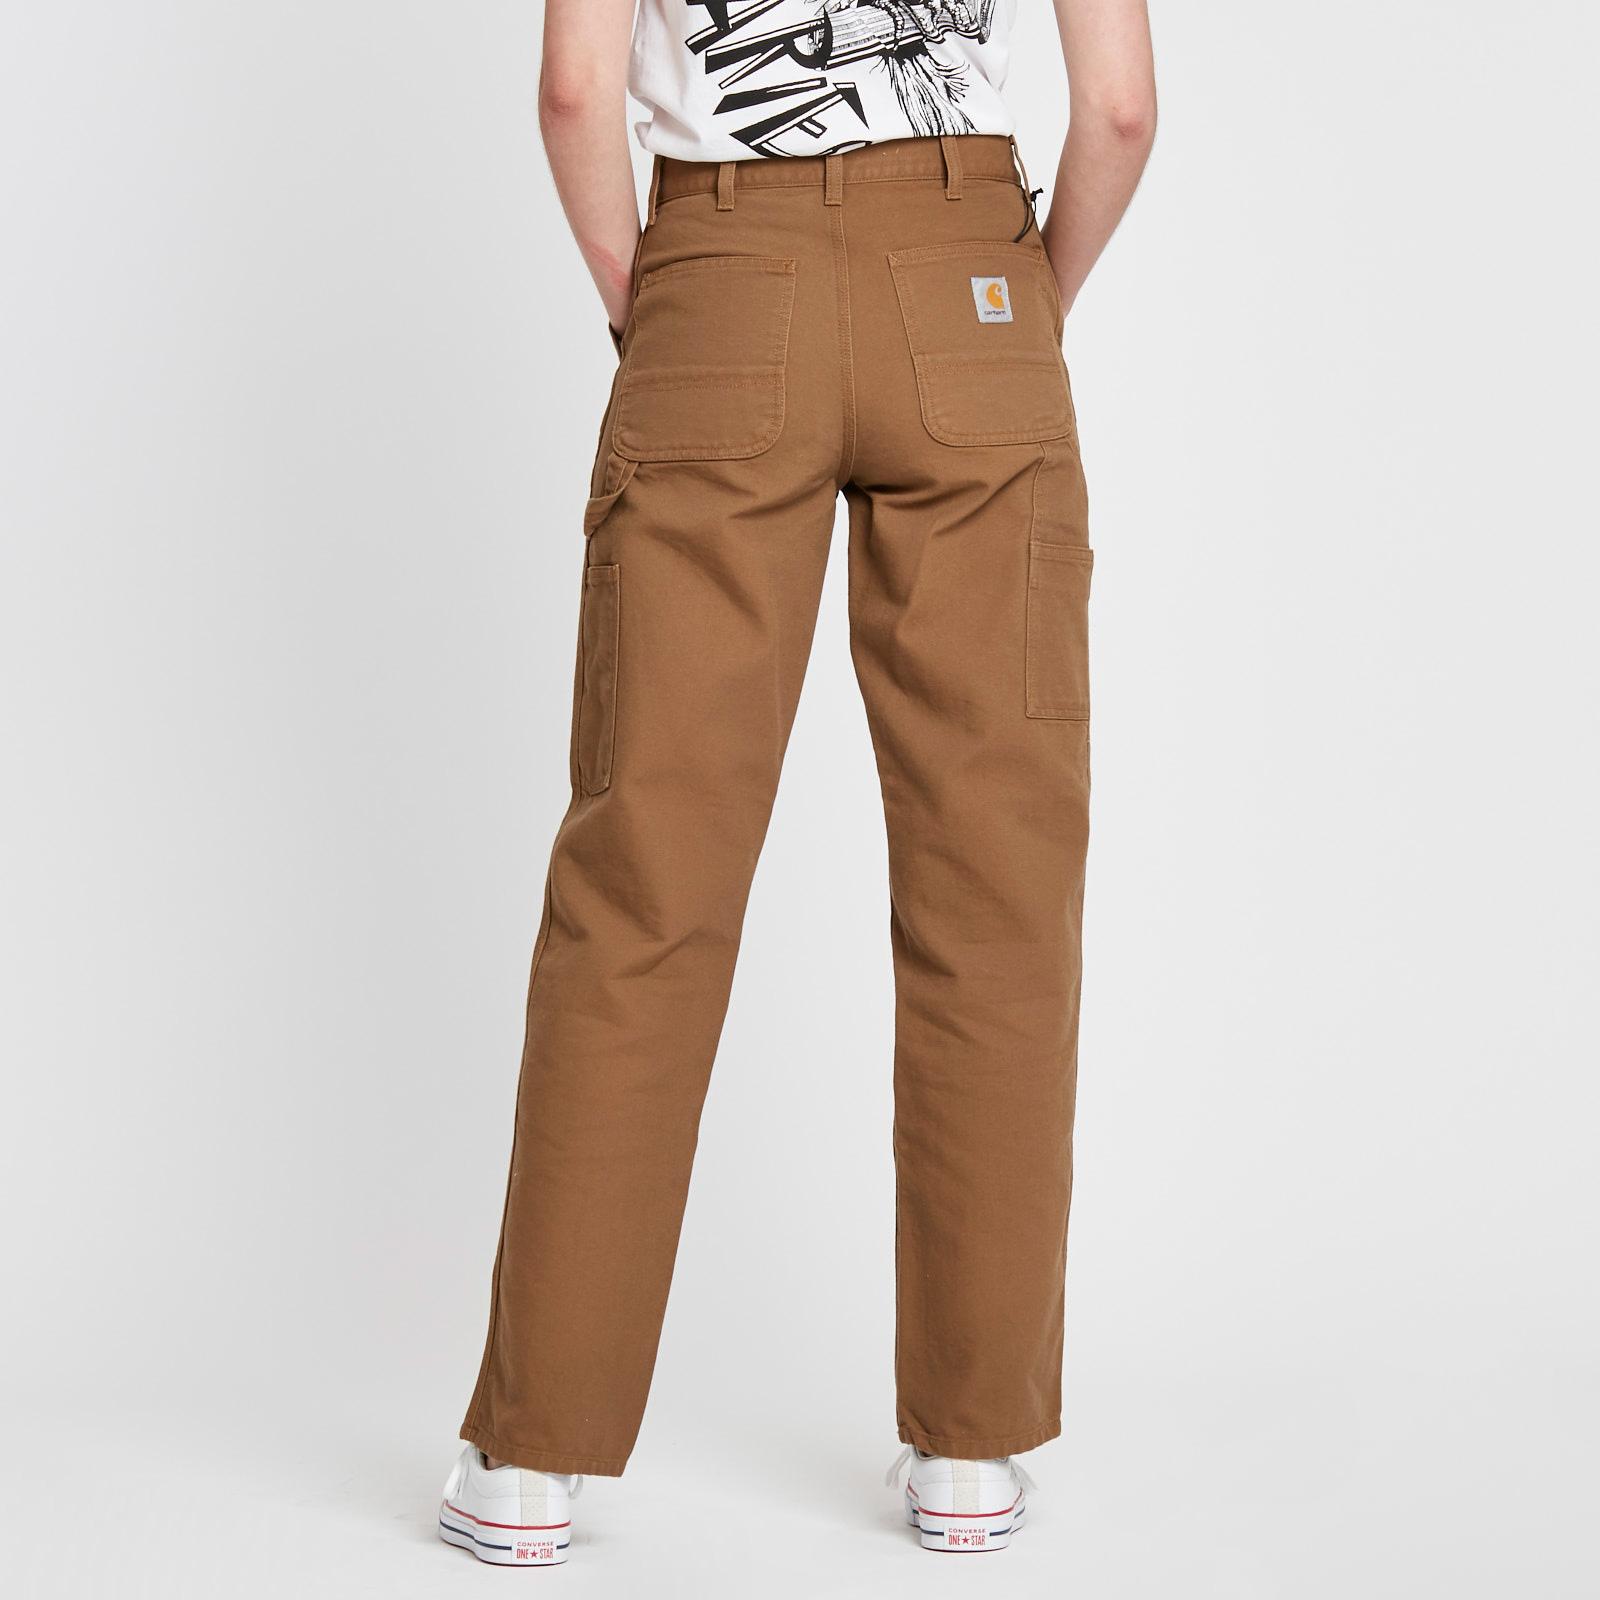 e54f2f38d09 Carhartt WIP Single Knee Pant - I001002.hz02.32 - Sneakersnstuff   sneakers  & streetwear online since 1999